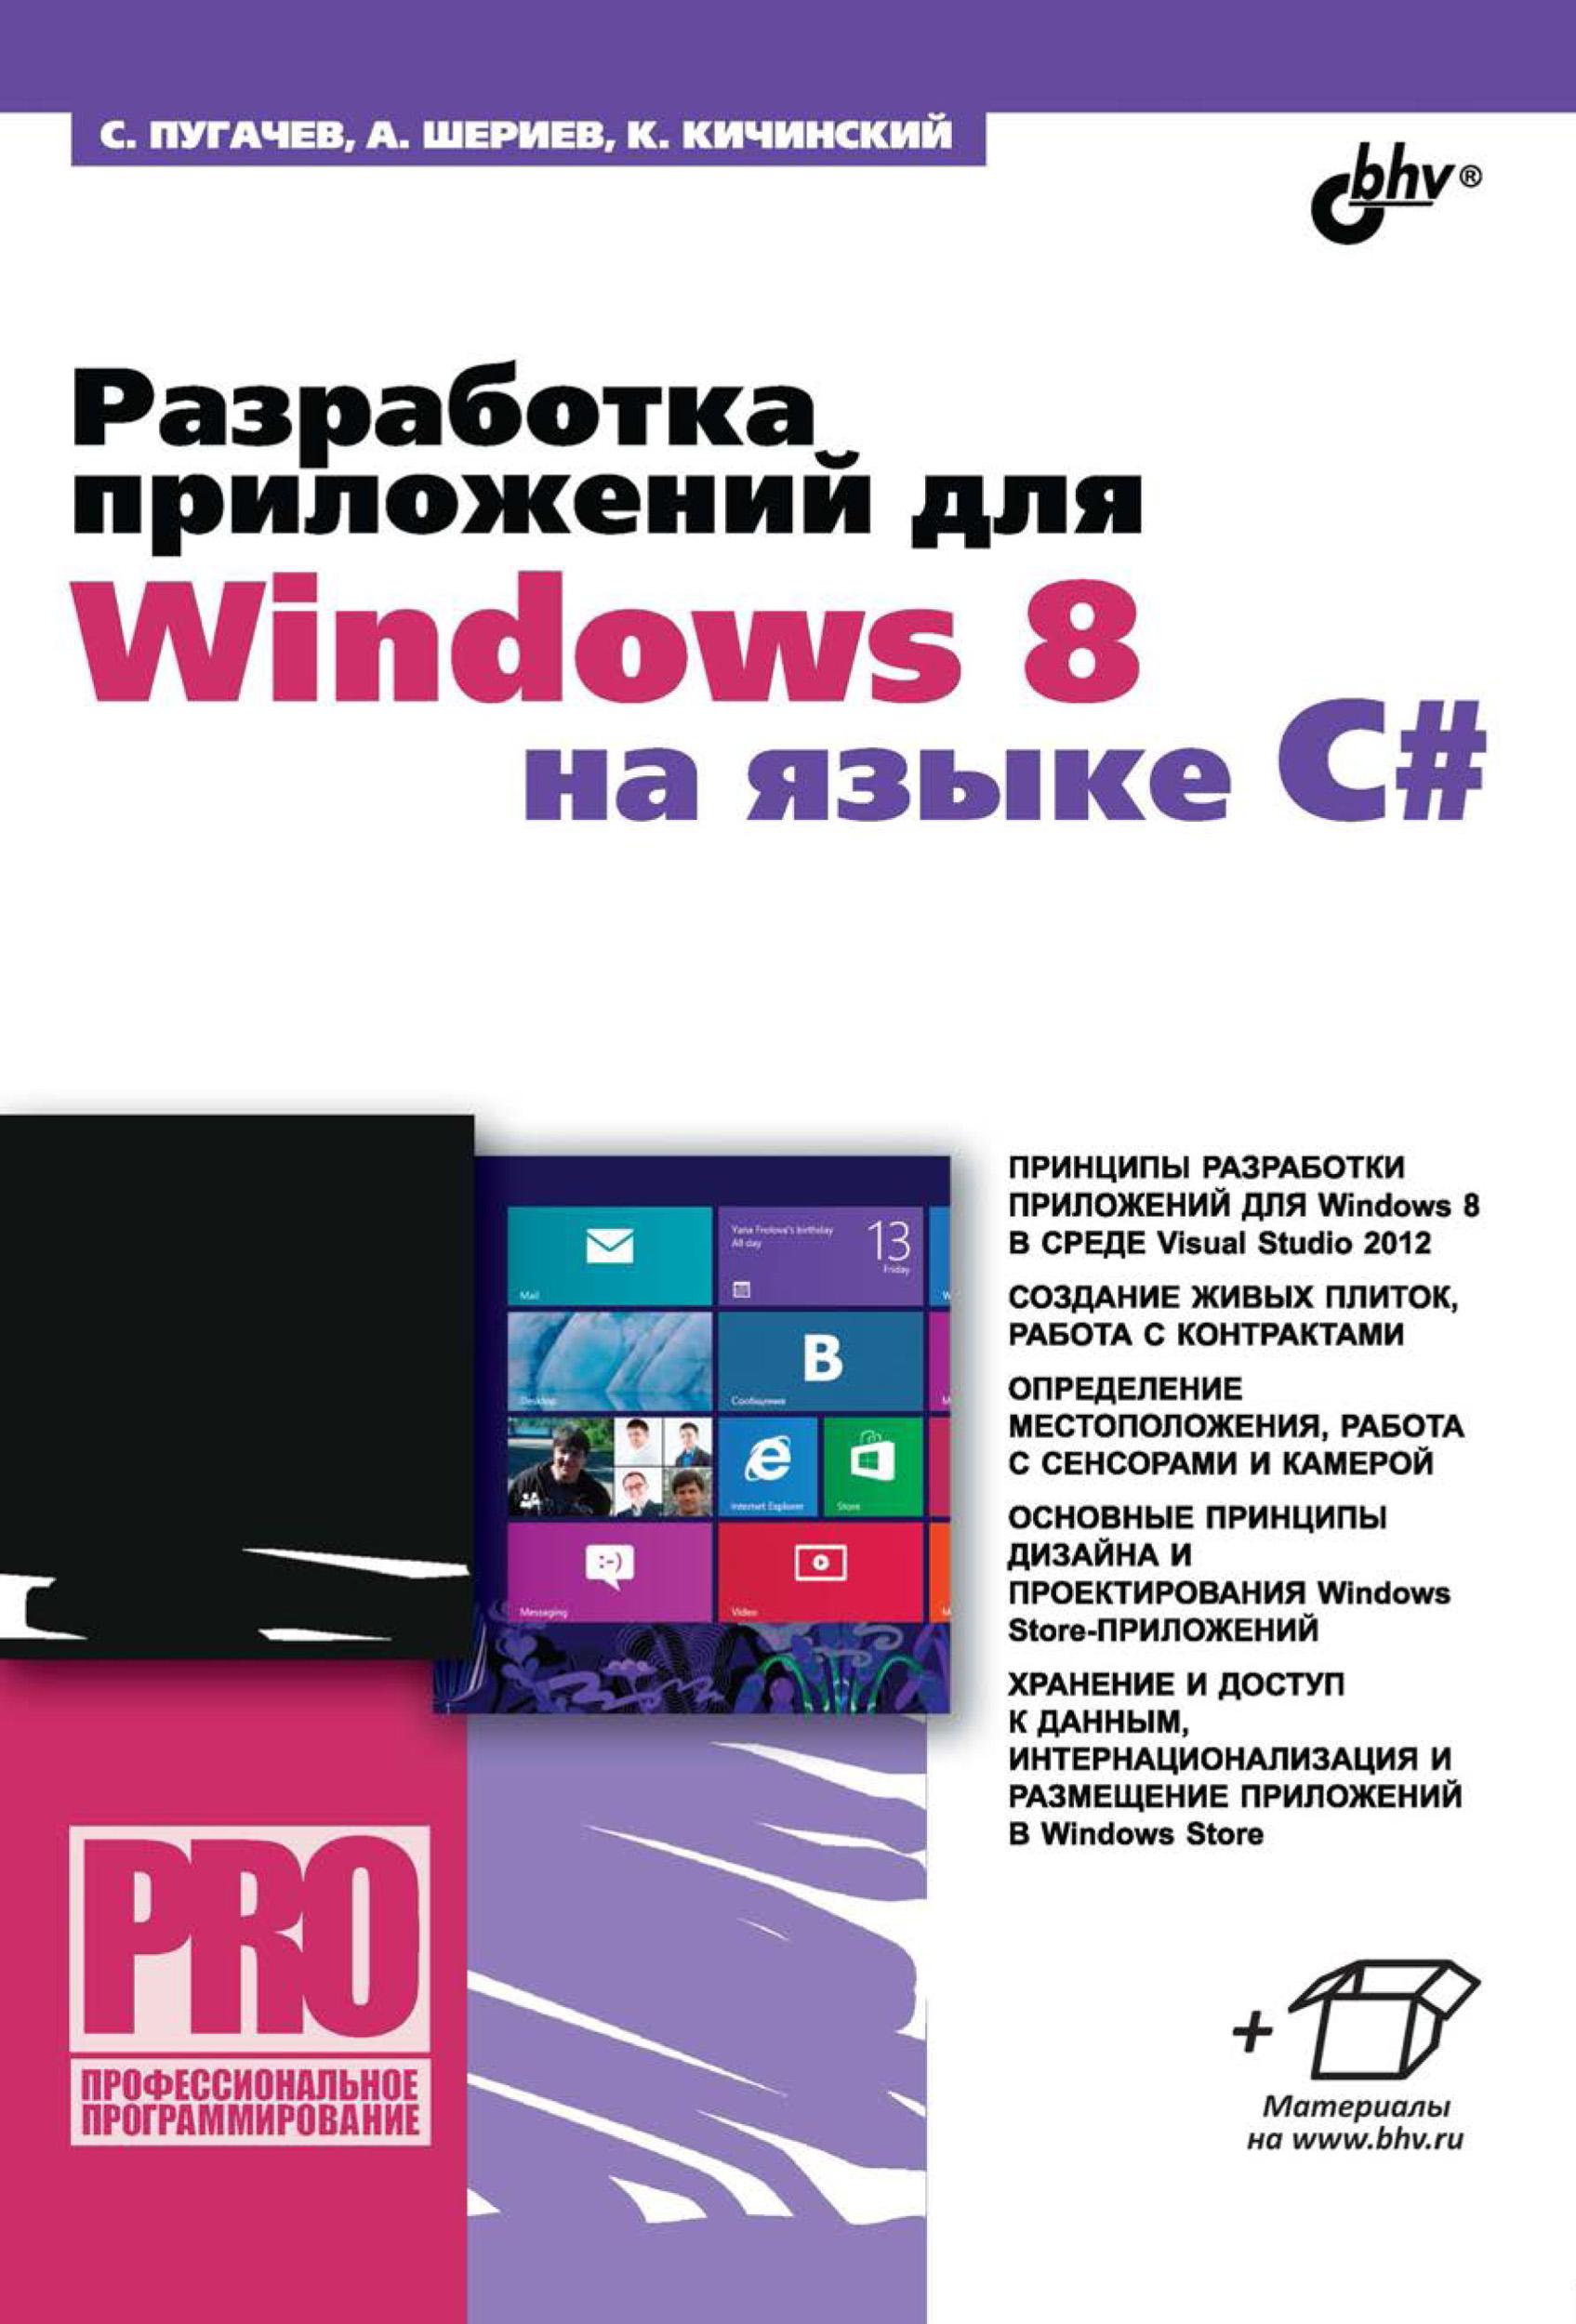 Сергей Пугачев Разработка приложений для Windows 8 на языке C# б е крелль windows mobile разработка приложений для кпк